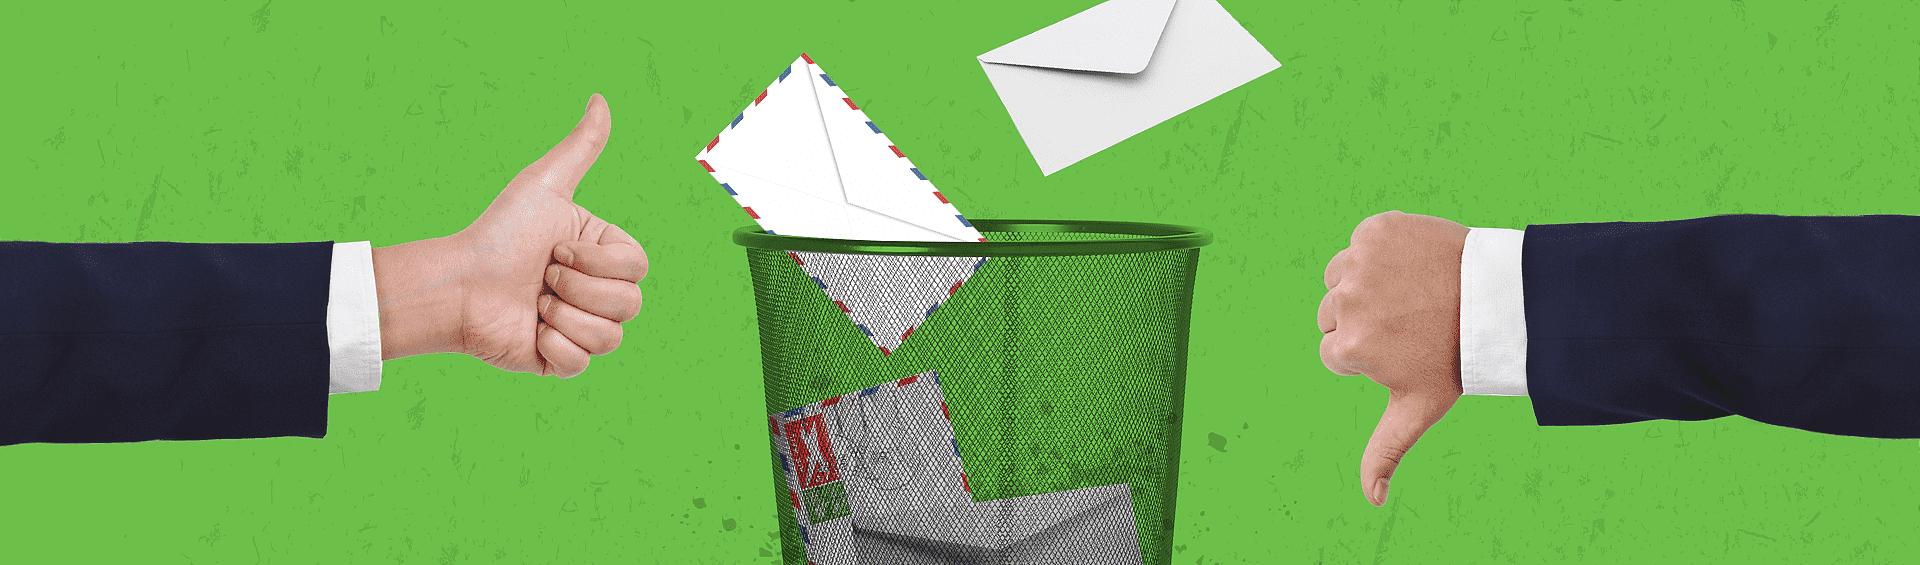 Ваши письма попадают в спам. Что делать?